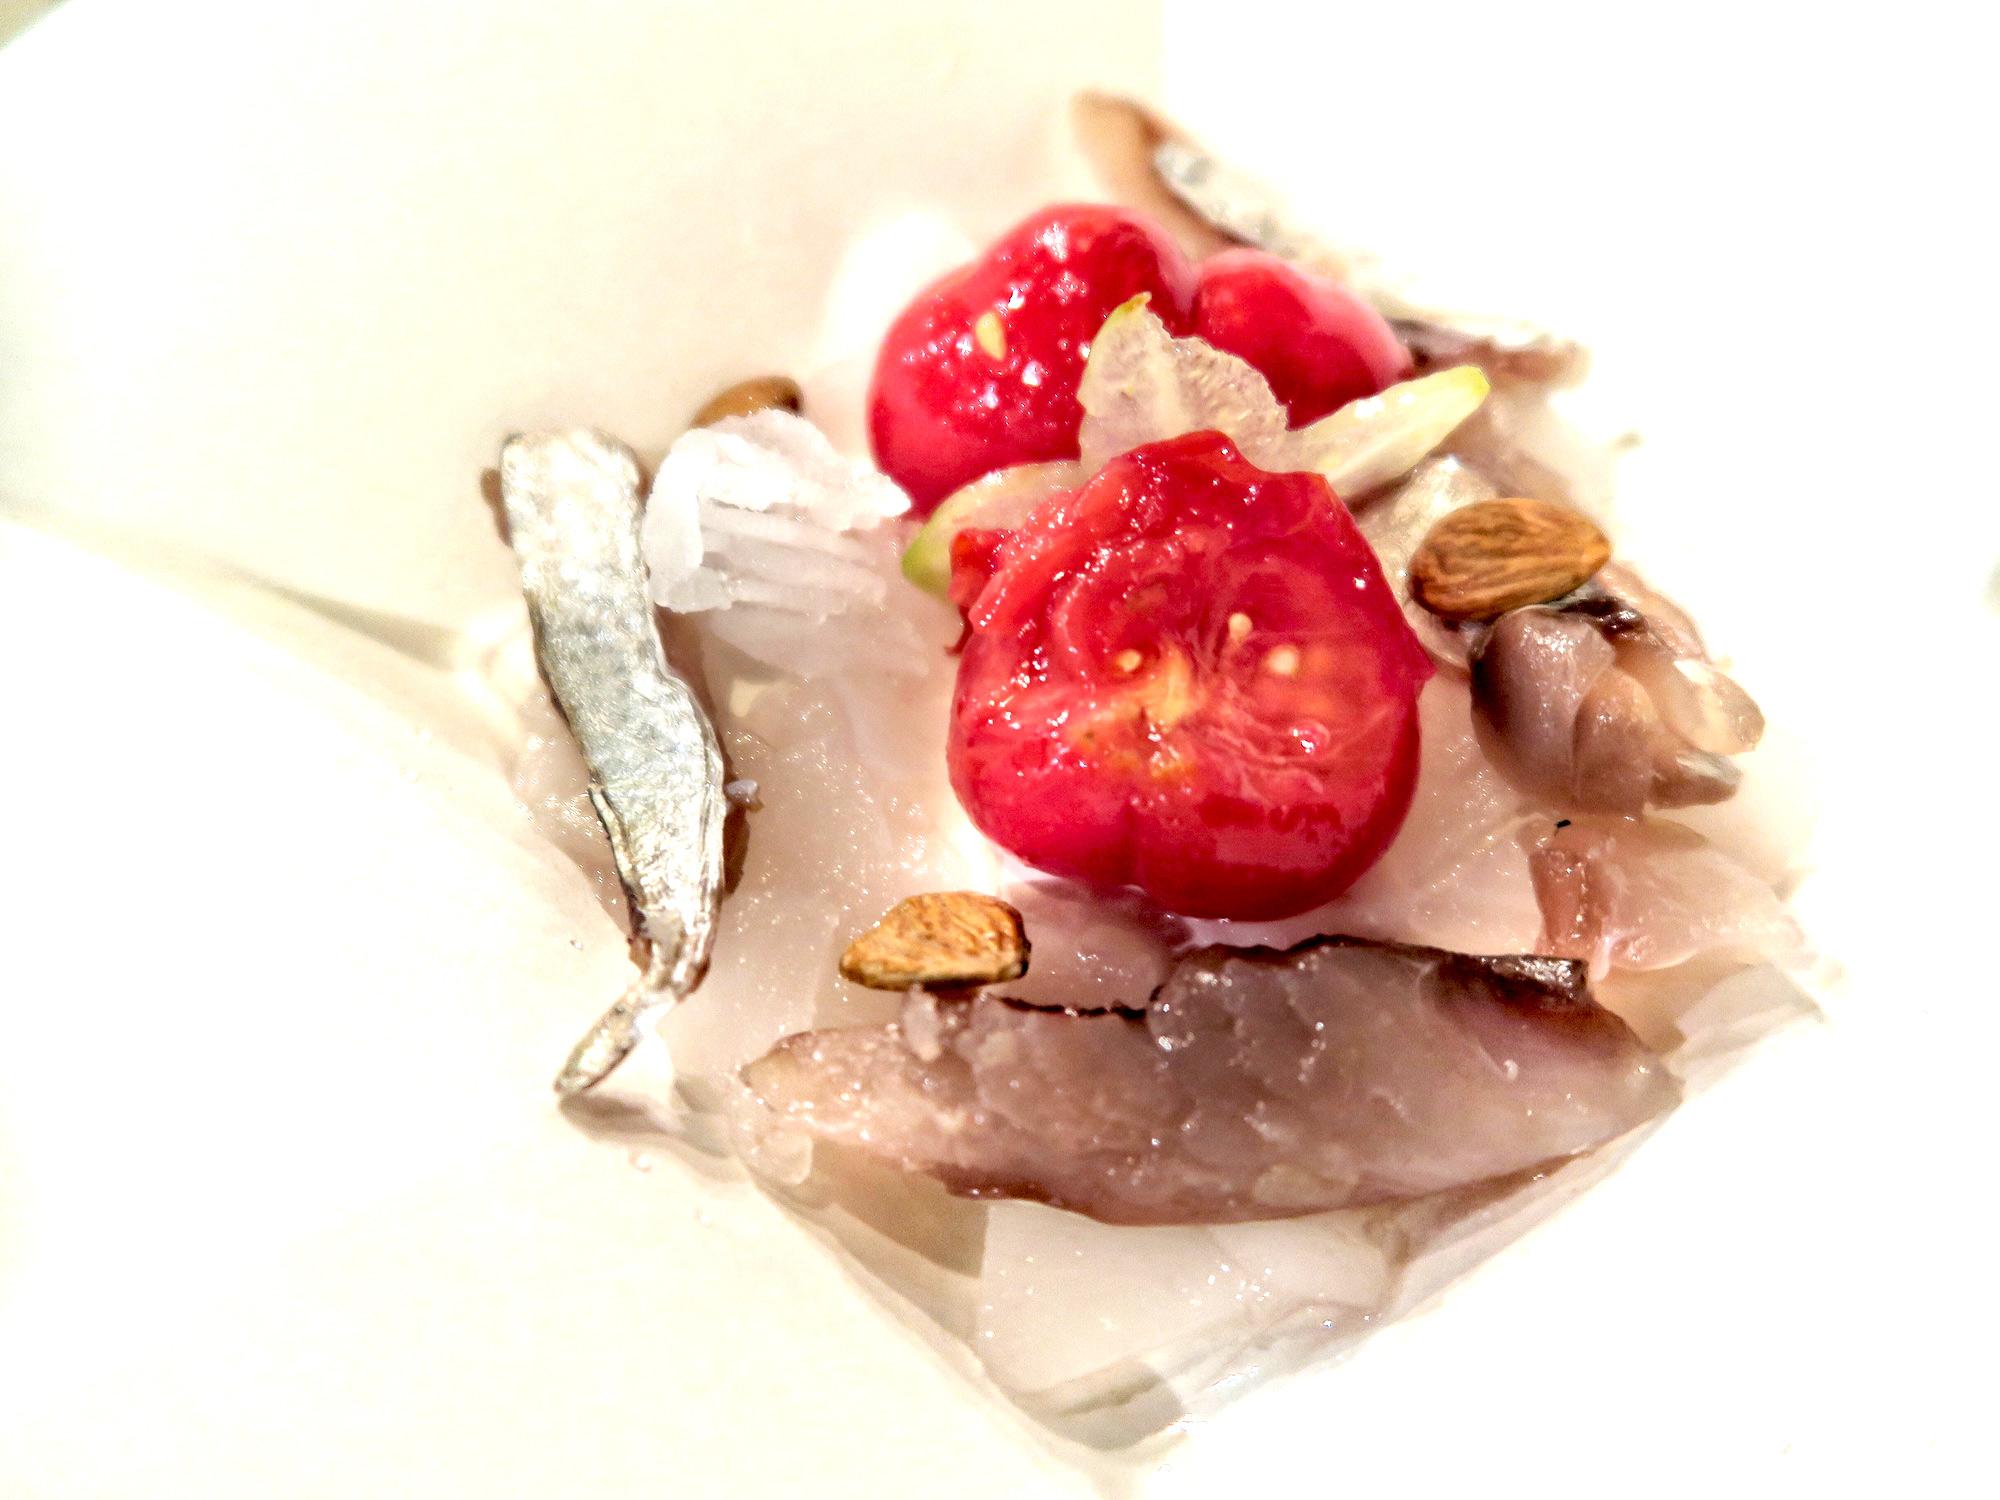 lo Sgombro affumicato al rosmarino, pomodoro marinato, aceto alla salvia e carambola, una ricetta estiva dello chef stellato Matteo Baronetto   ©foto Sandra Longinotti